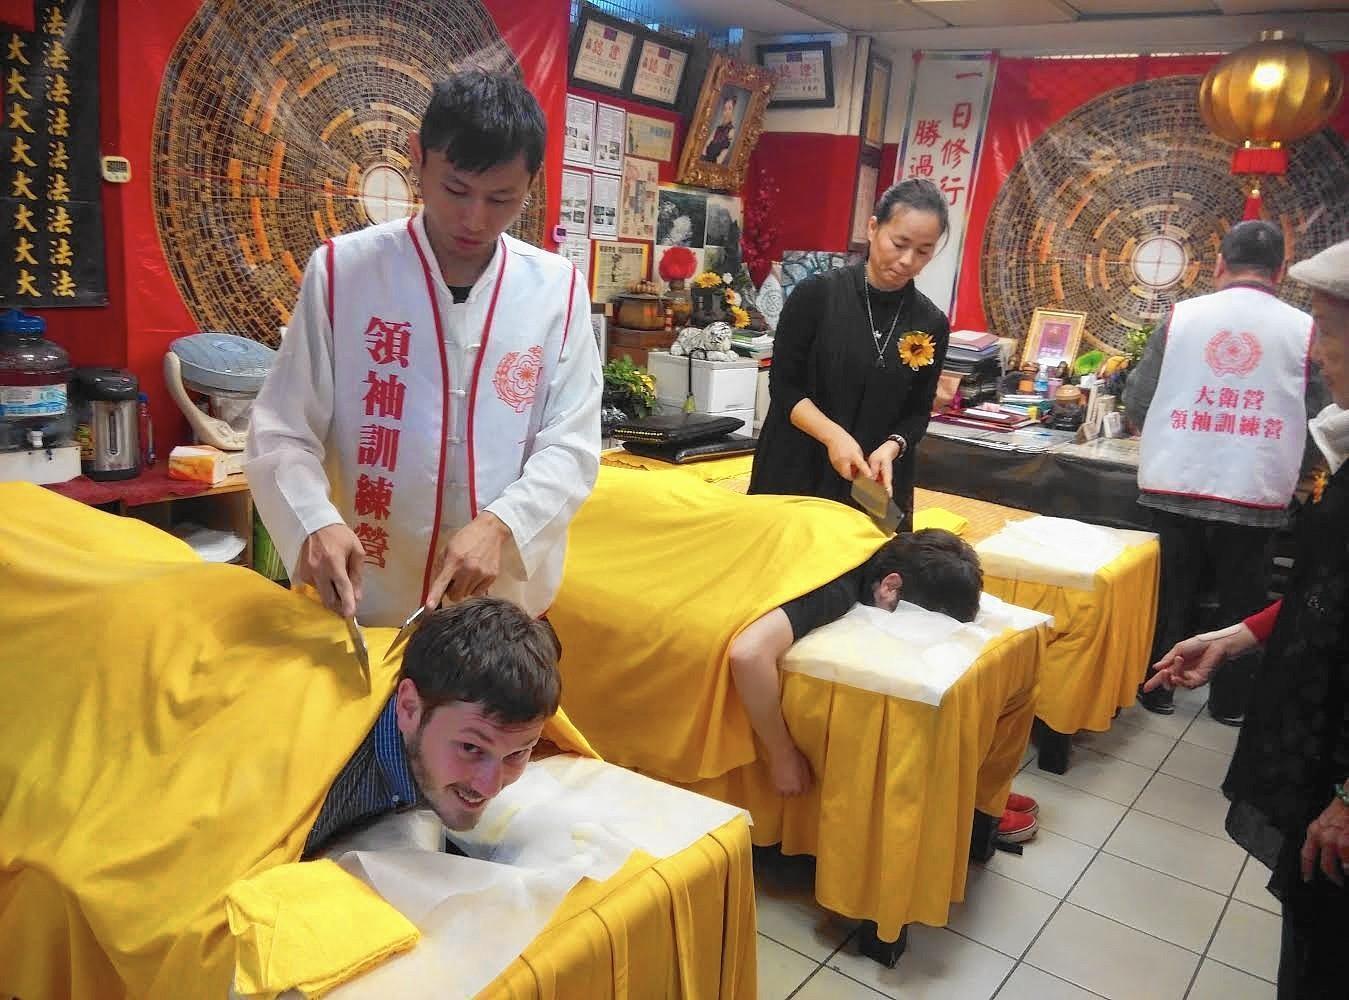 sienna vest yderligere blade massage